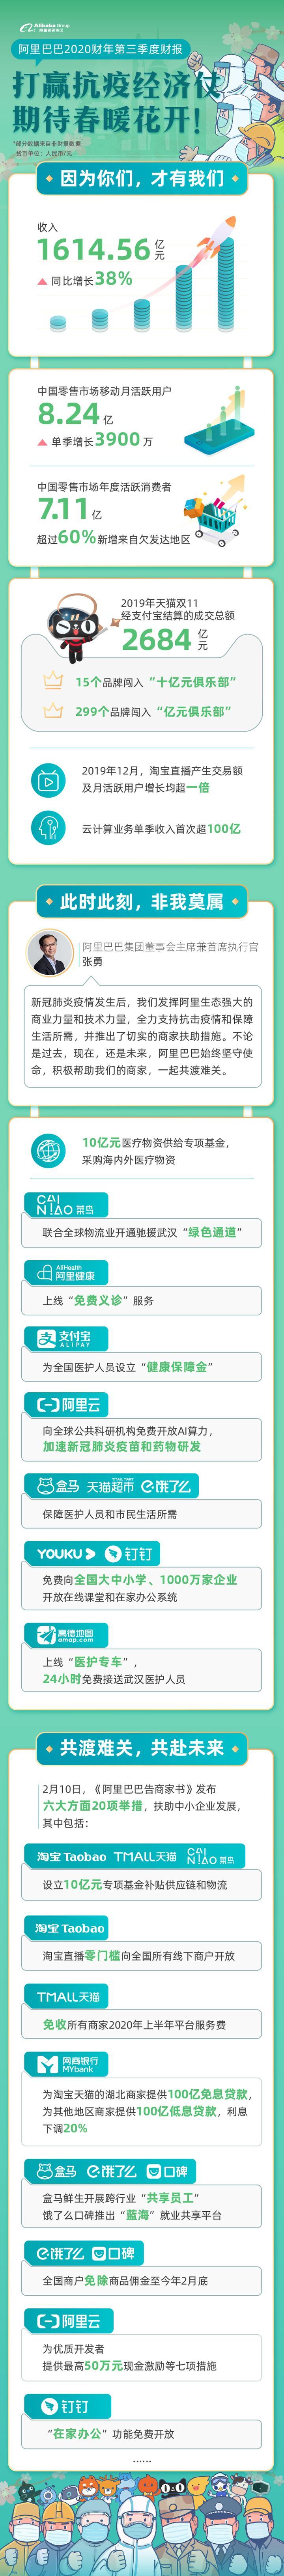 阿里巴巴集团2020财年第三季度财报.jpg